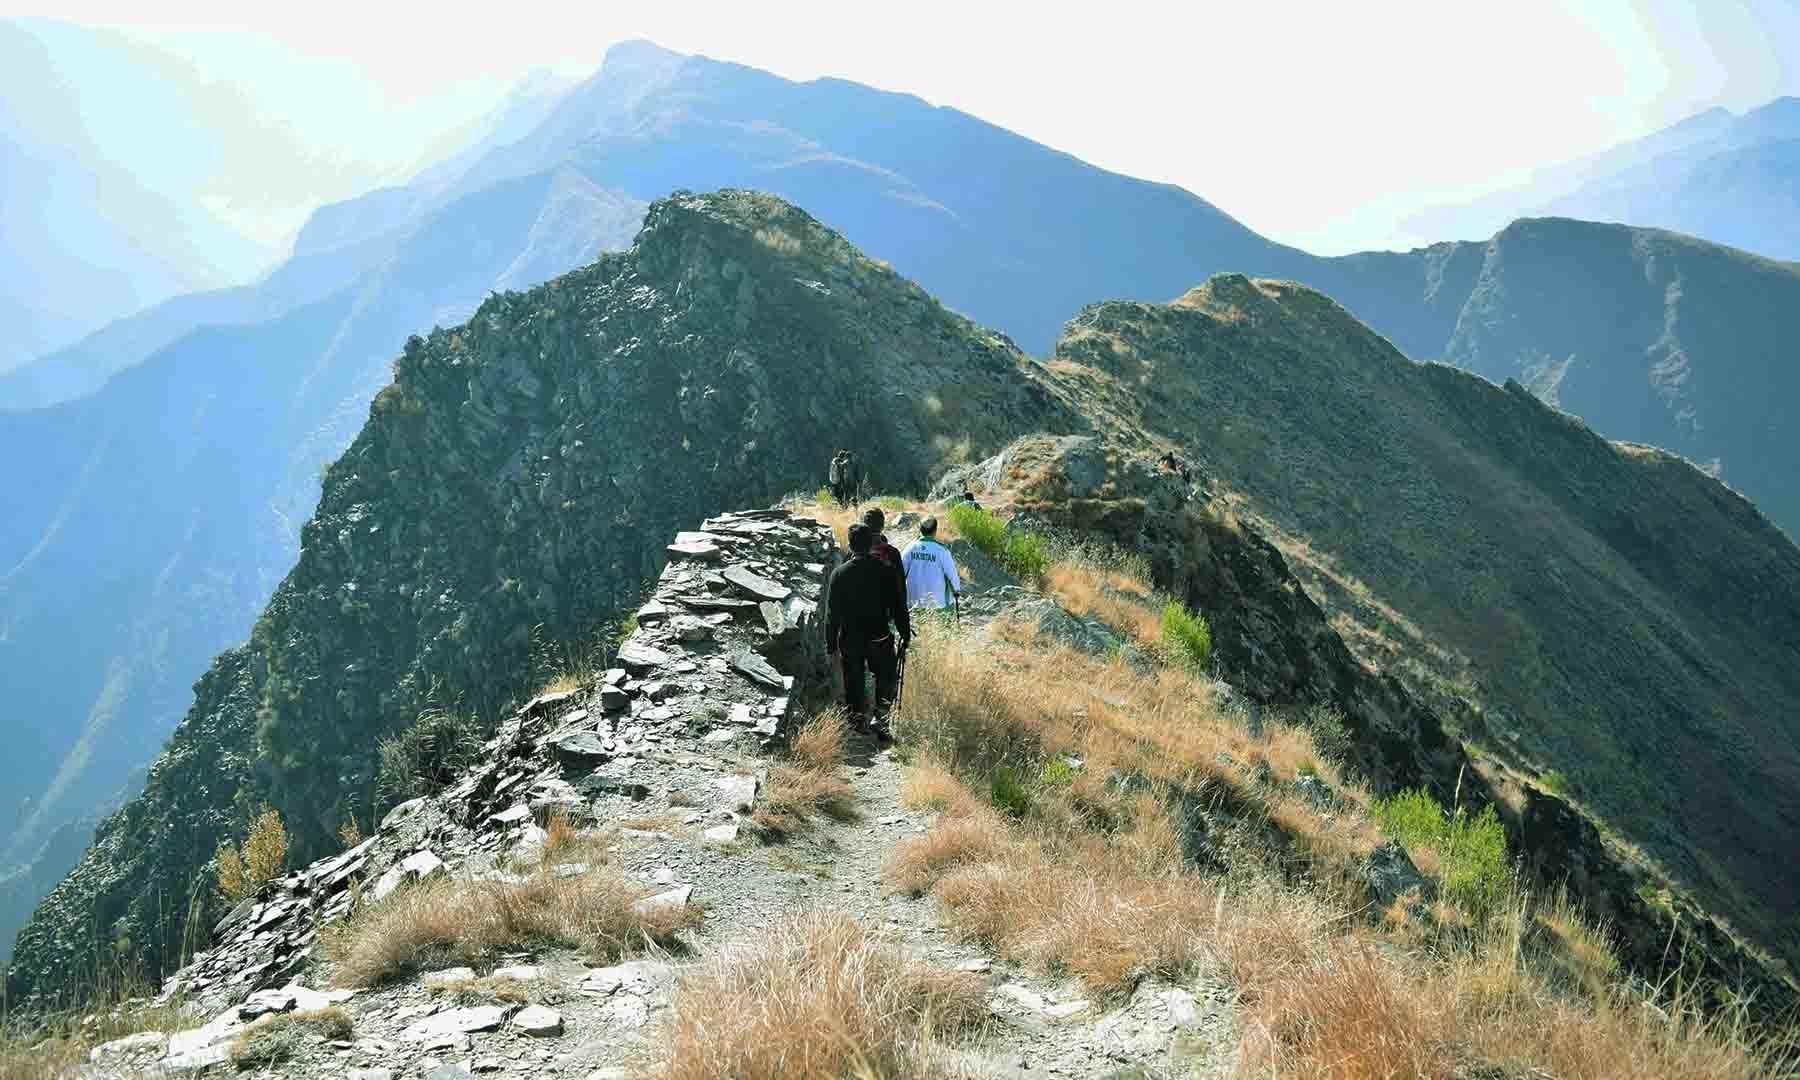 تاریخی قلعہ راجا گیرا کی طرف سفر جاری ہے۔